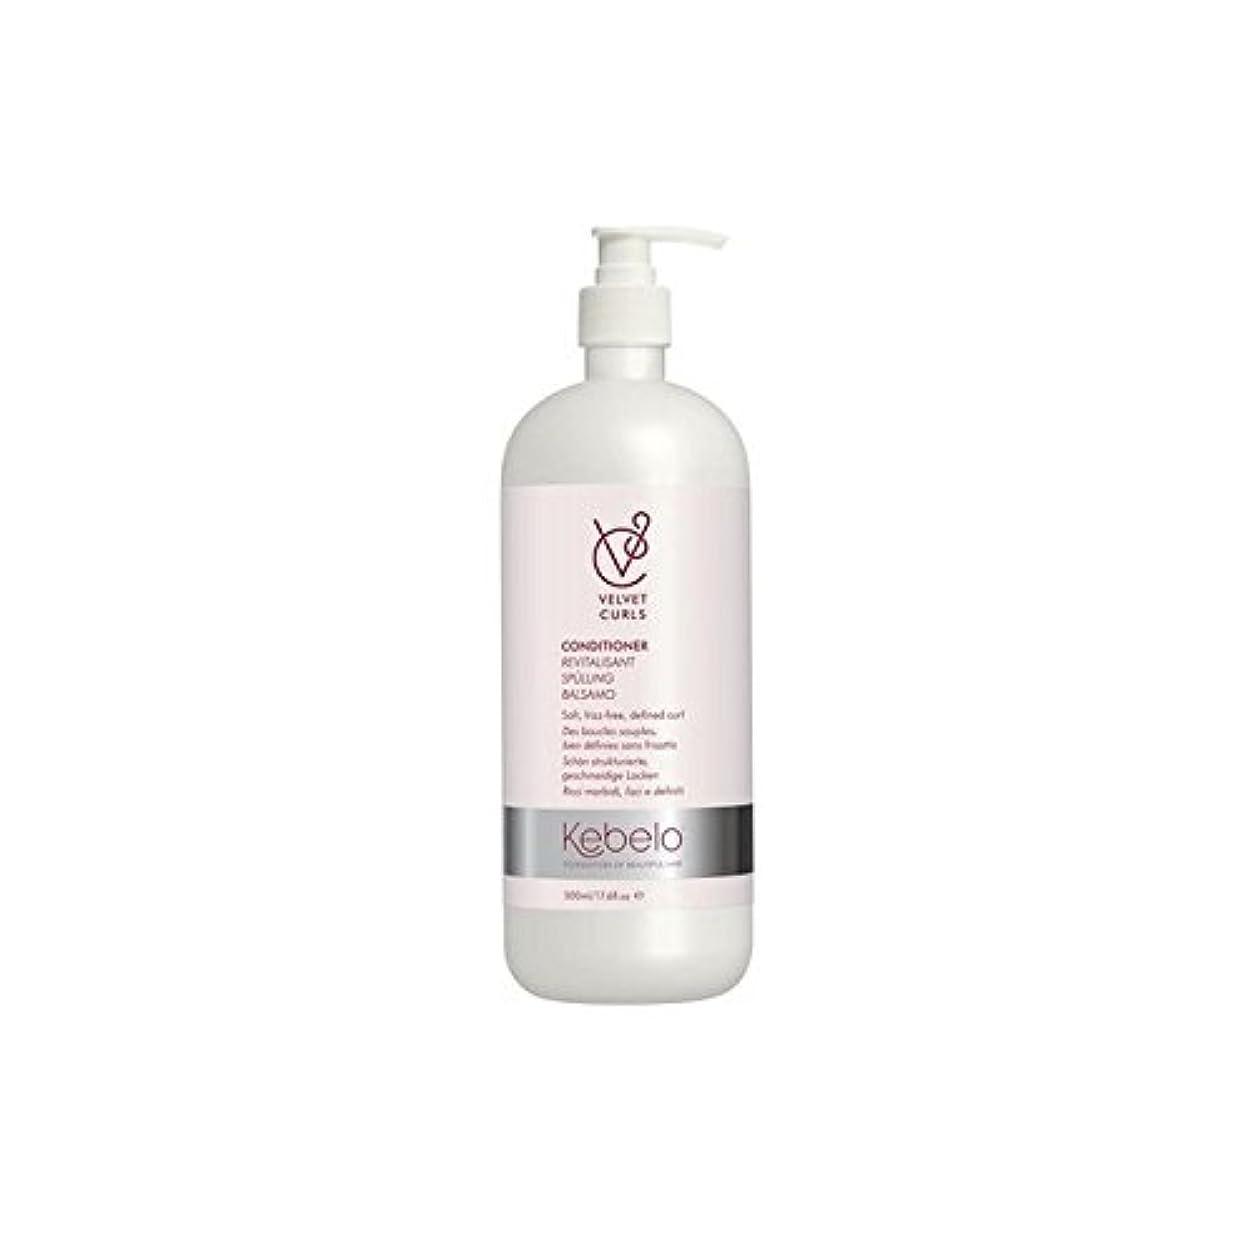 茎お肉の配列ベルベットのカールコンディショナー(500ミリリットル) x2 - Kebelo Velvet Curls Conditioner (500ml) (Pack of 2) [並行輸入品]